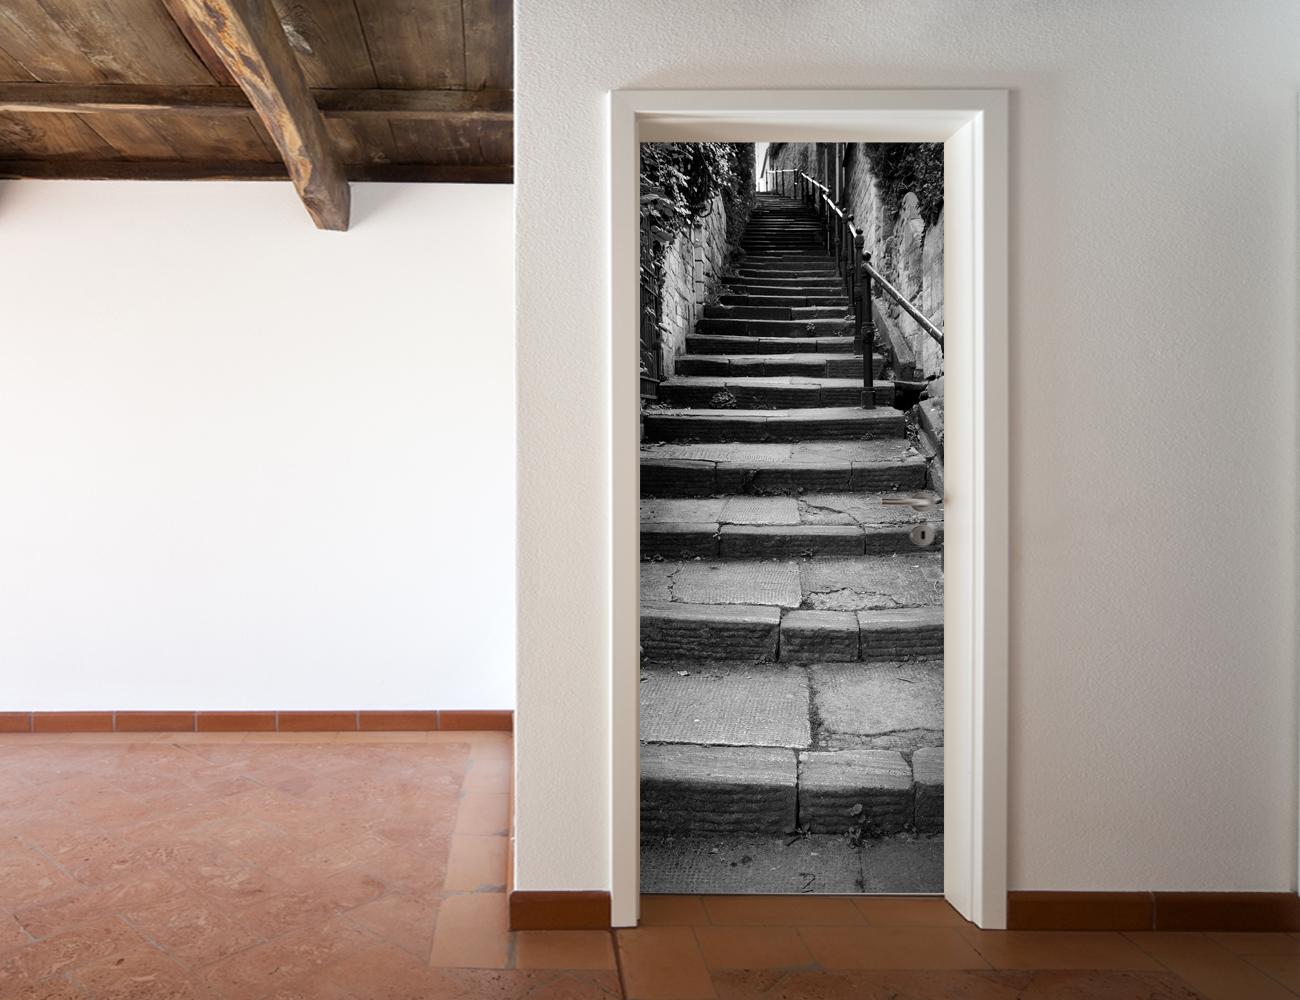 Adesivi follia adesivo per porte gradino - Adesivi decorativi per porte ...